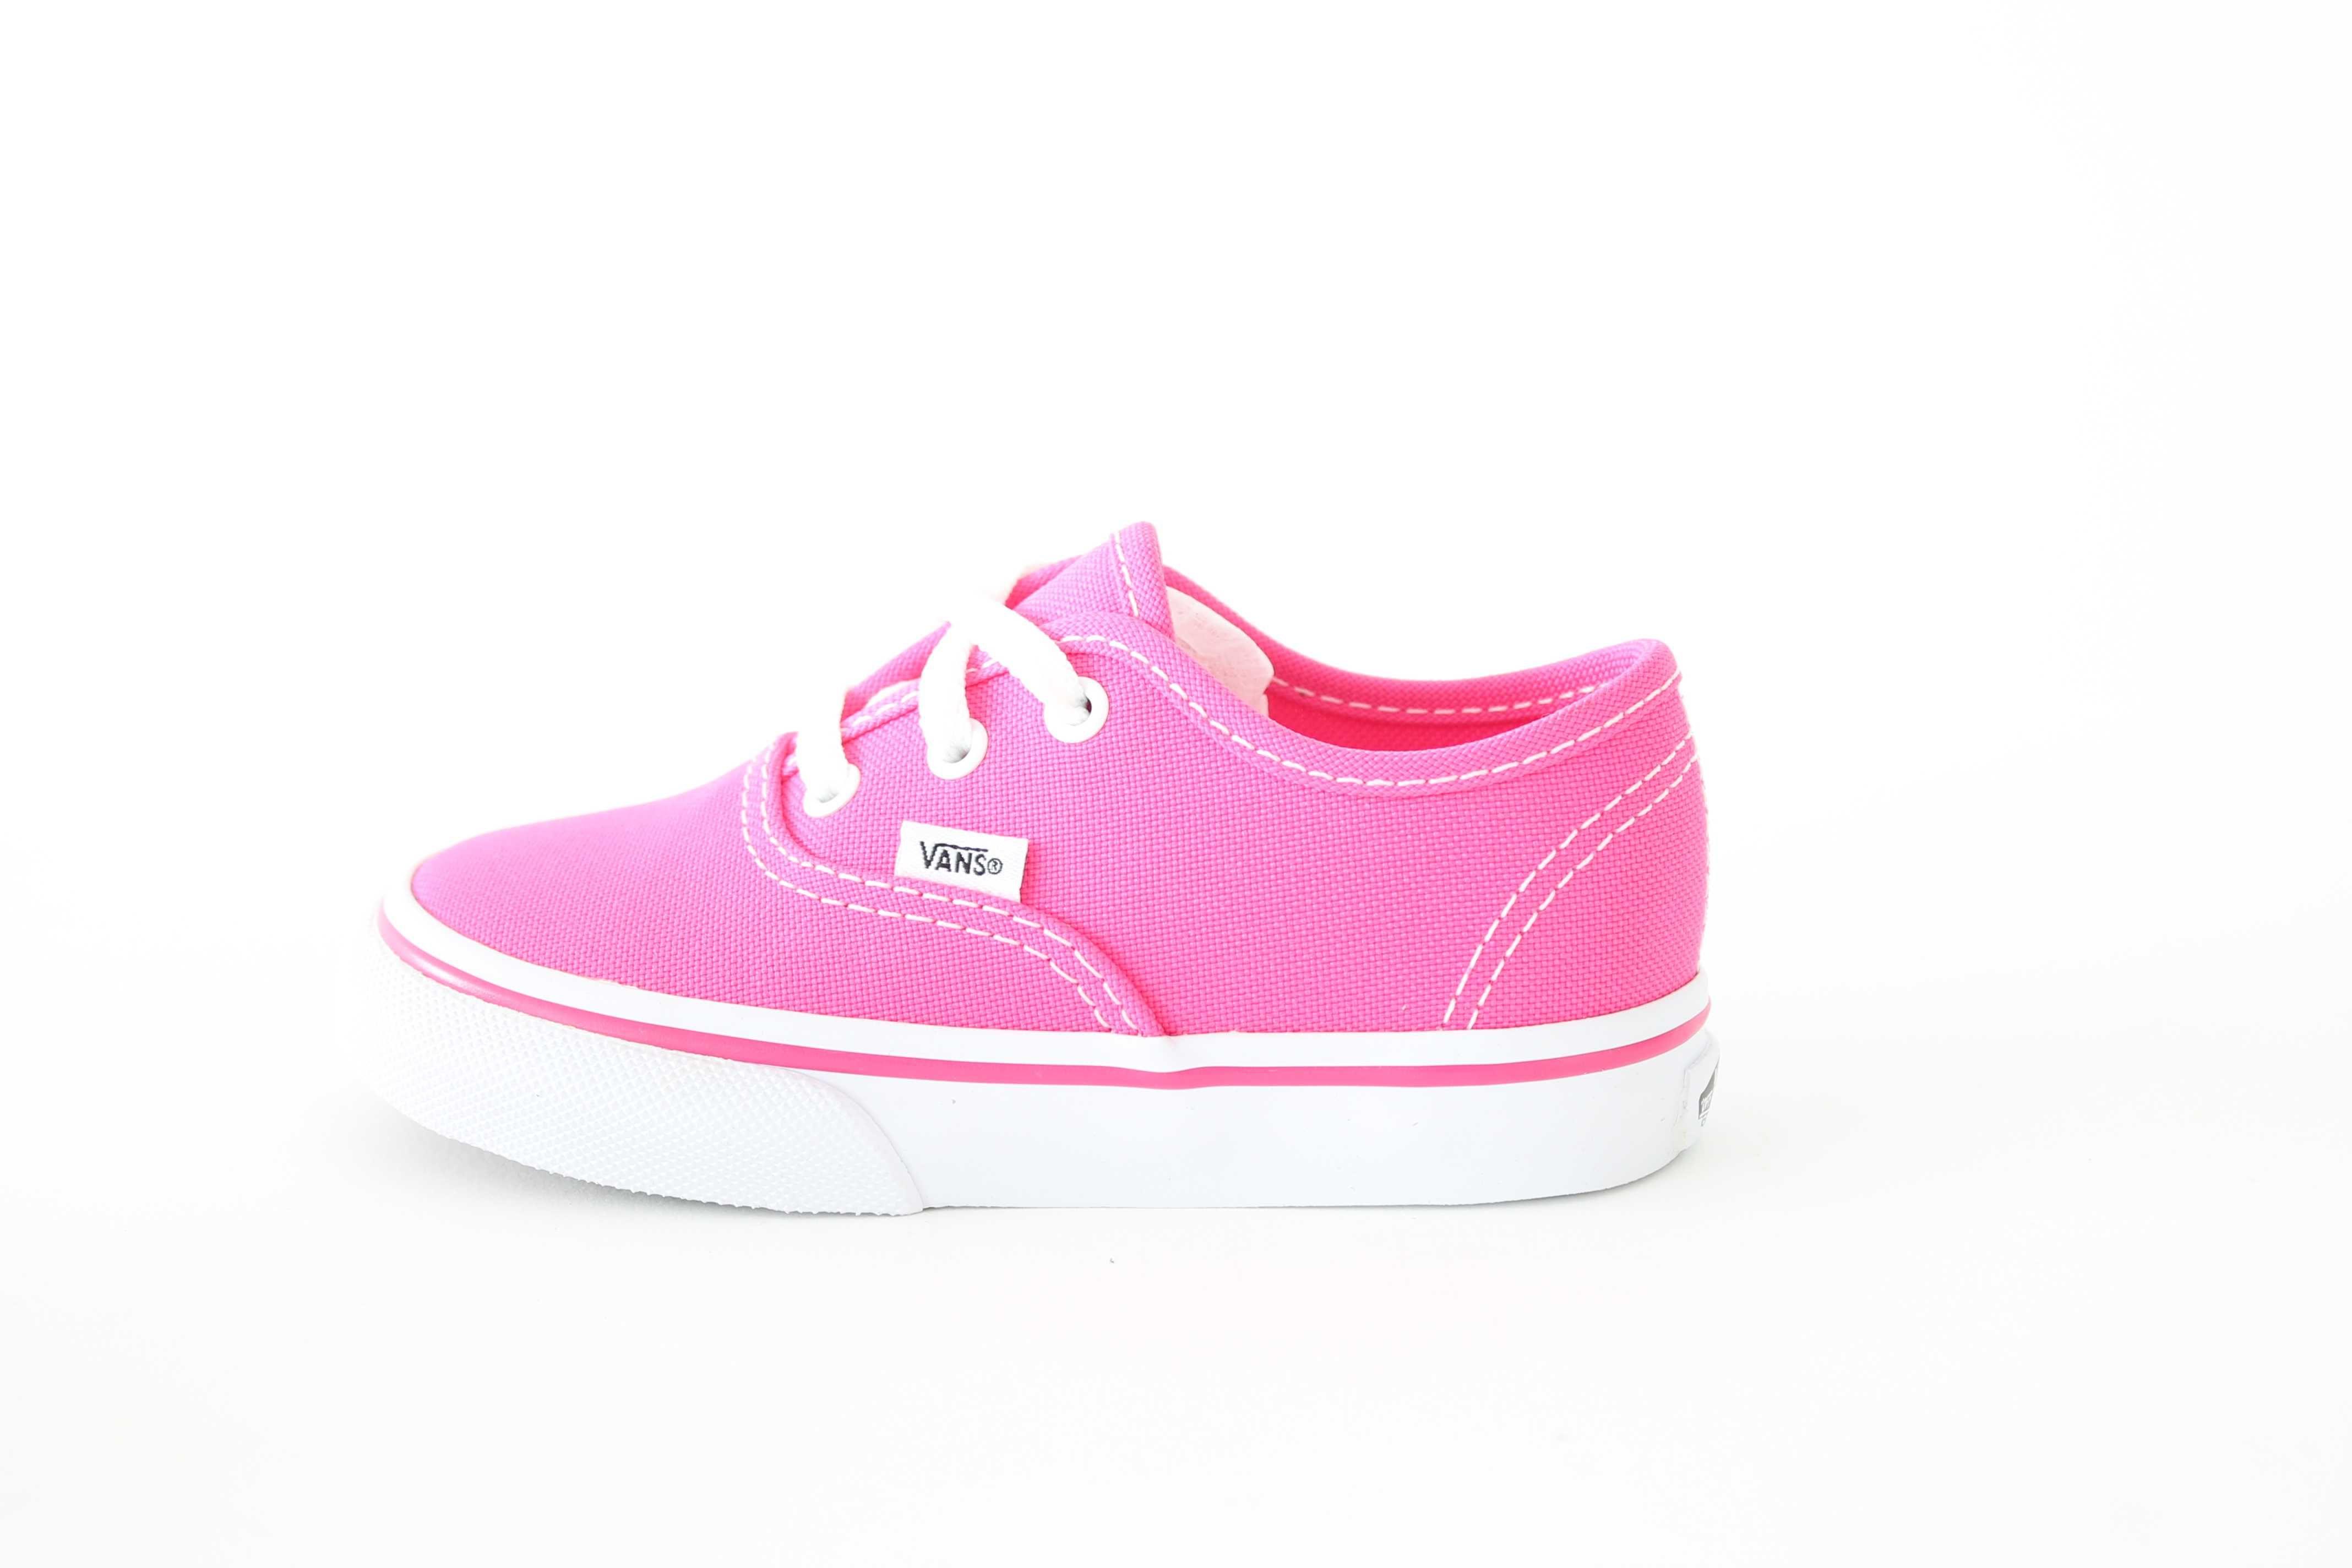 vans zapatos niño